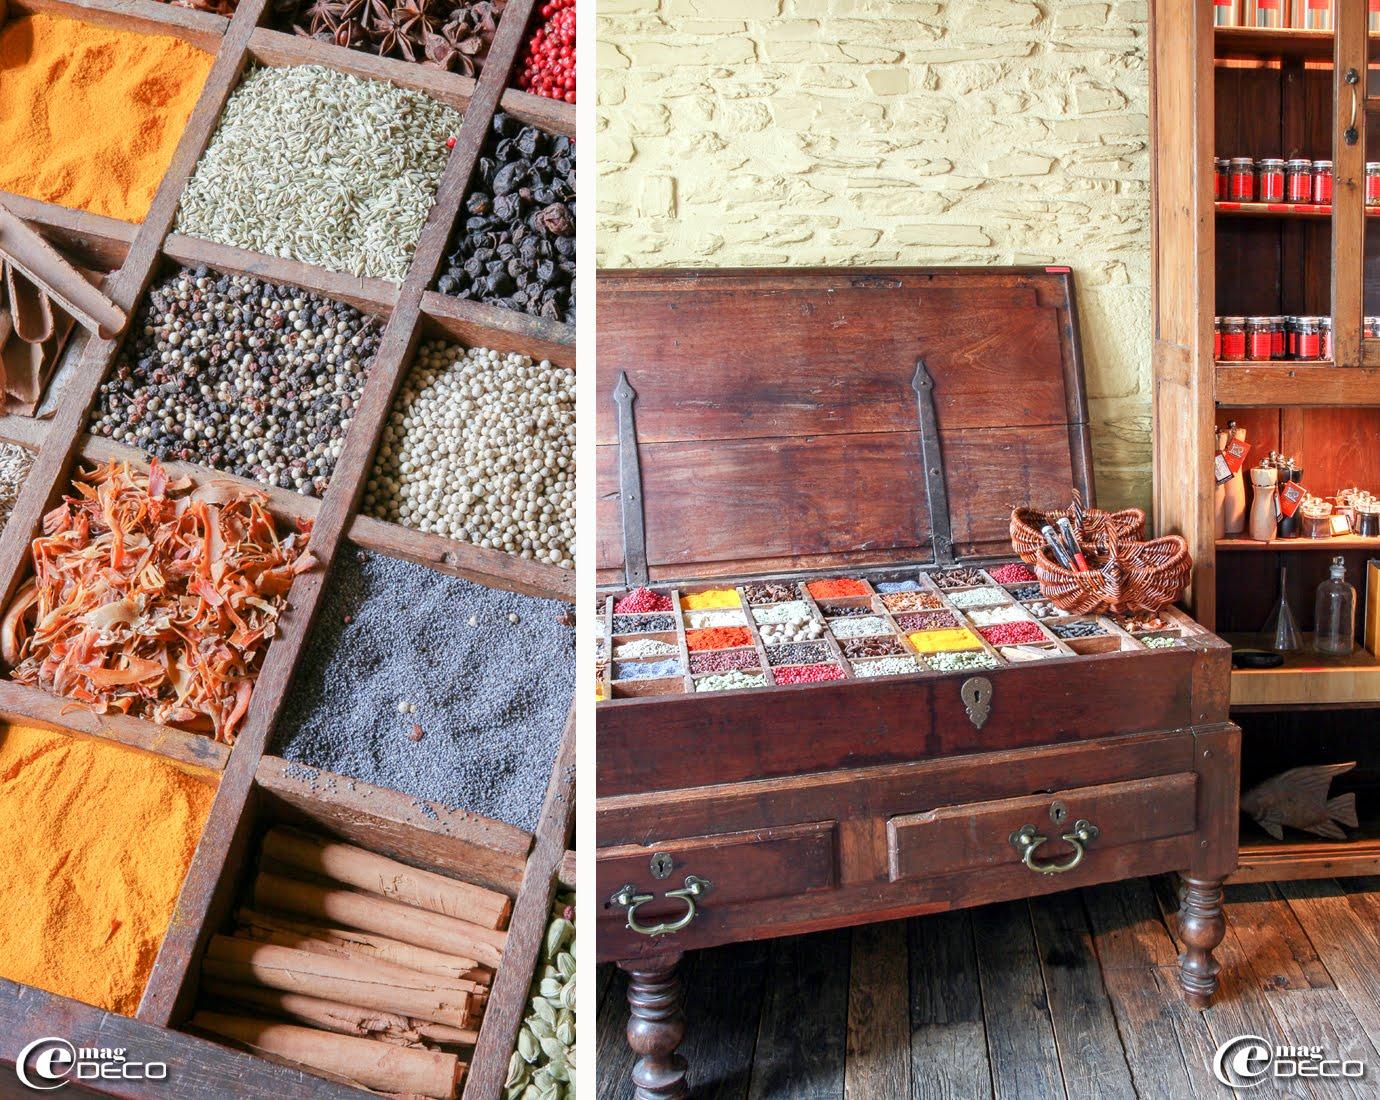 La boutique 'Épices-Roellinger' à Cancale en Bretagne avec sa large palette de poudres d'épices